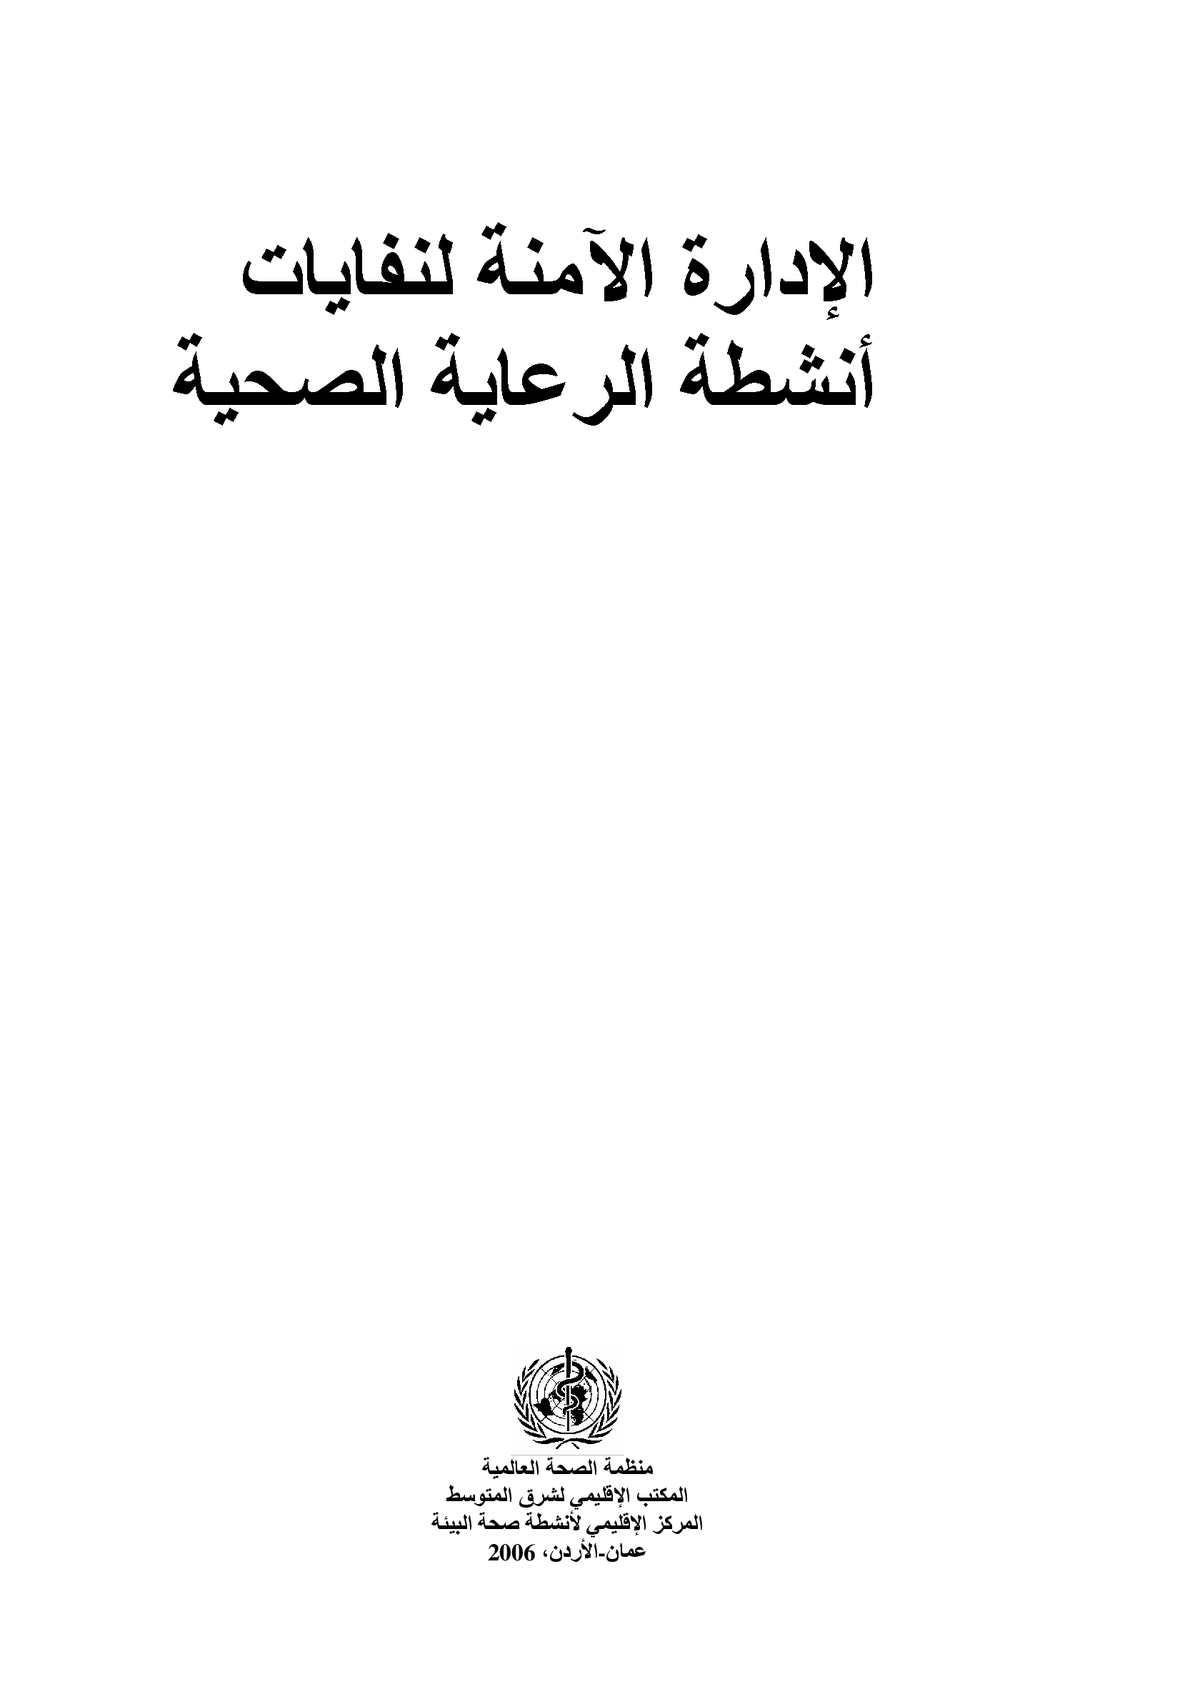 كتاب النفايات الطبية الصادر عن منظمة الصحة العالمية